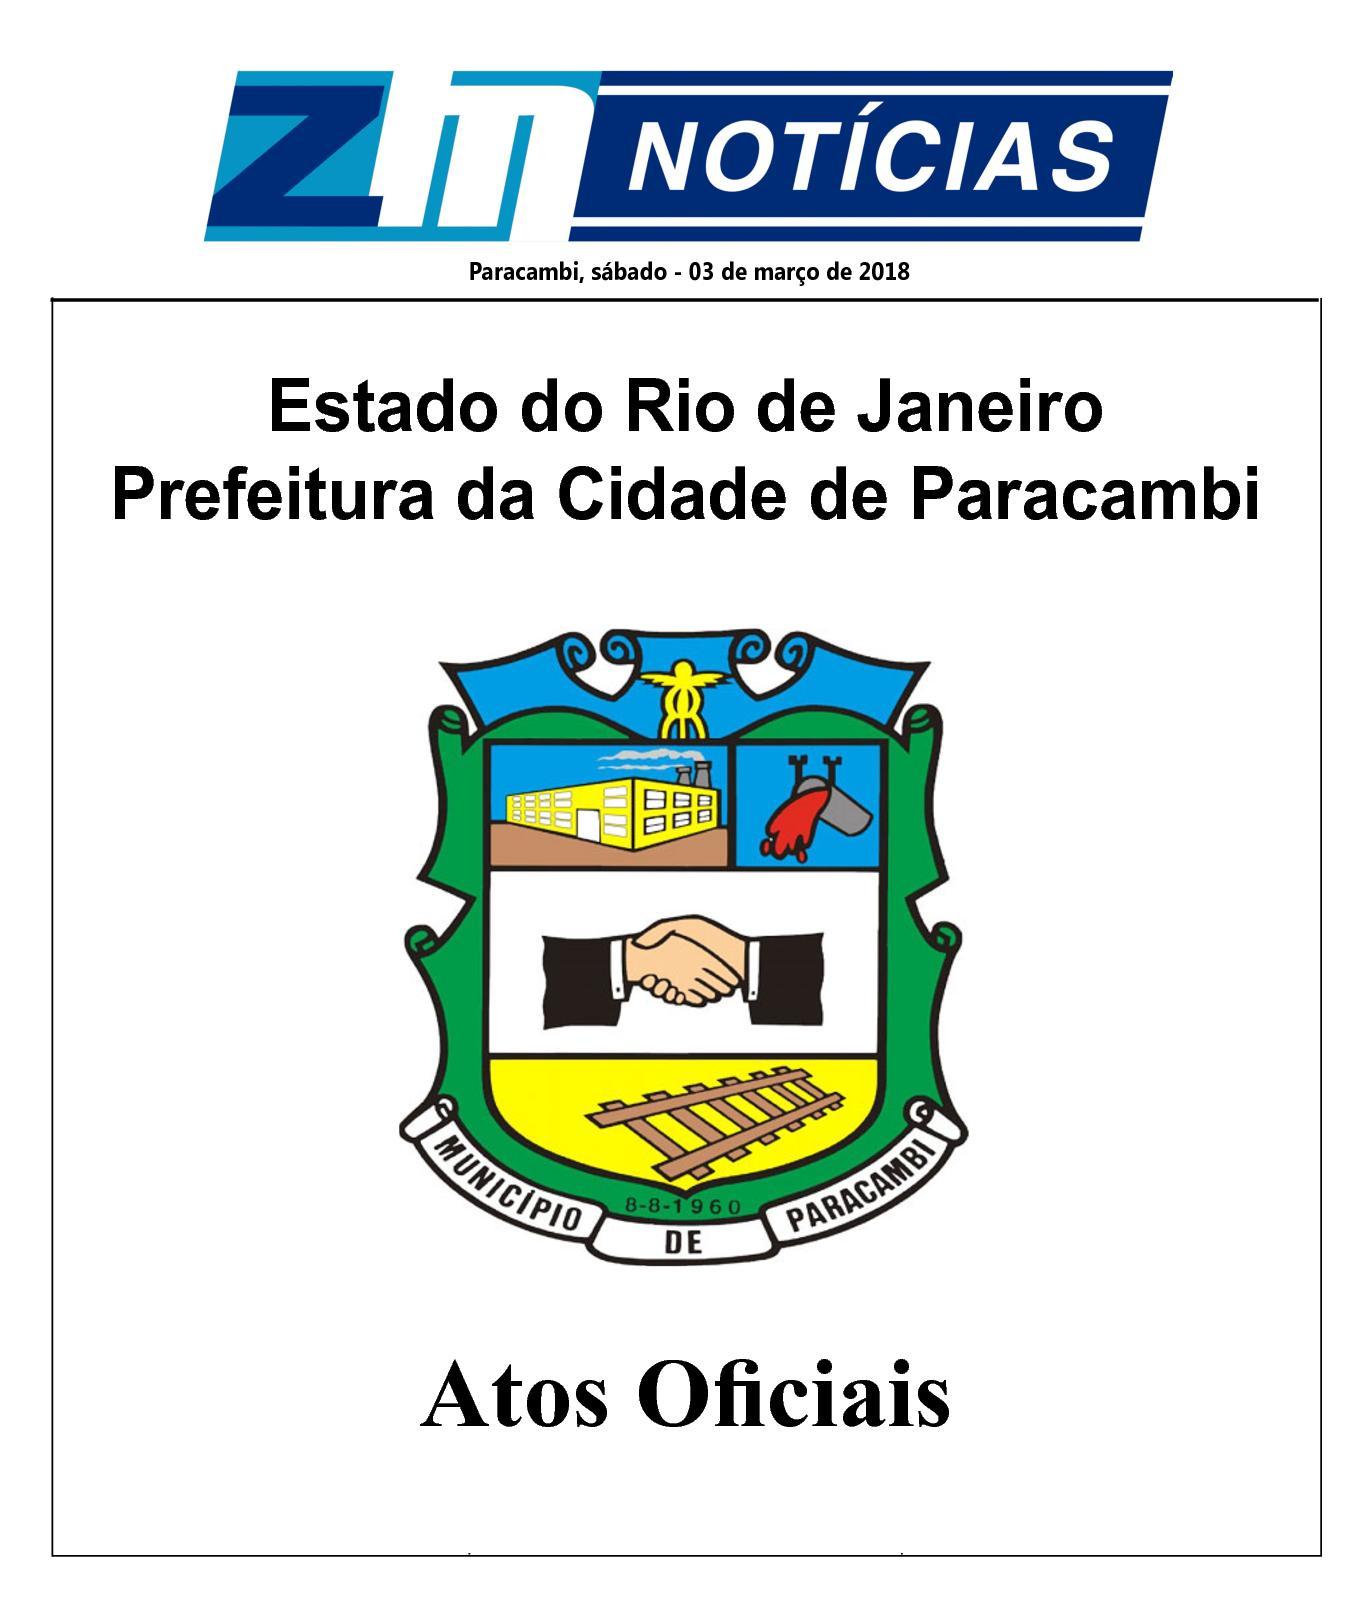 P M P Atos Oficiais 030318